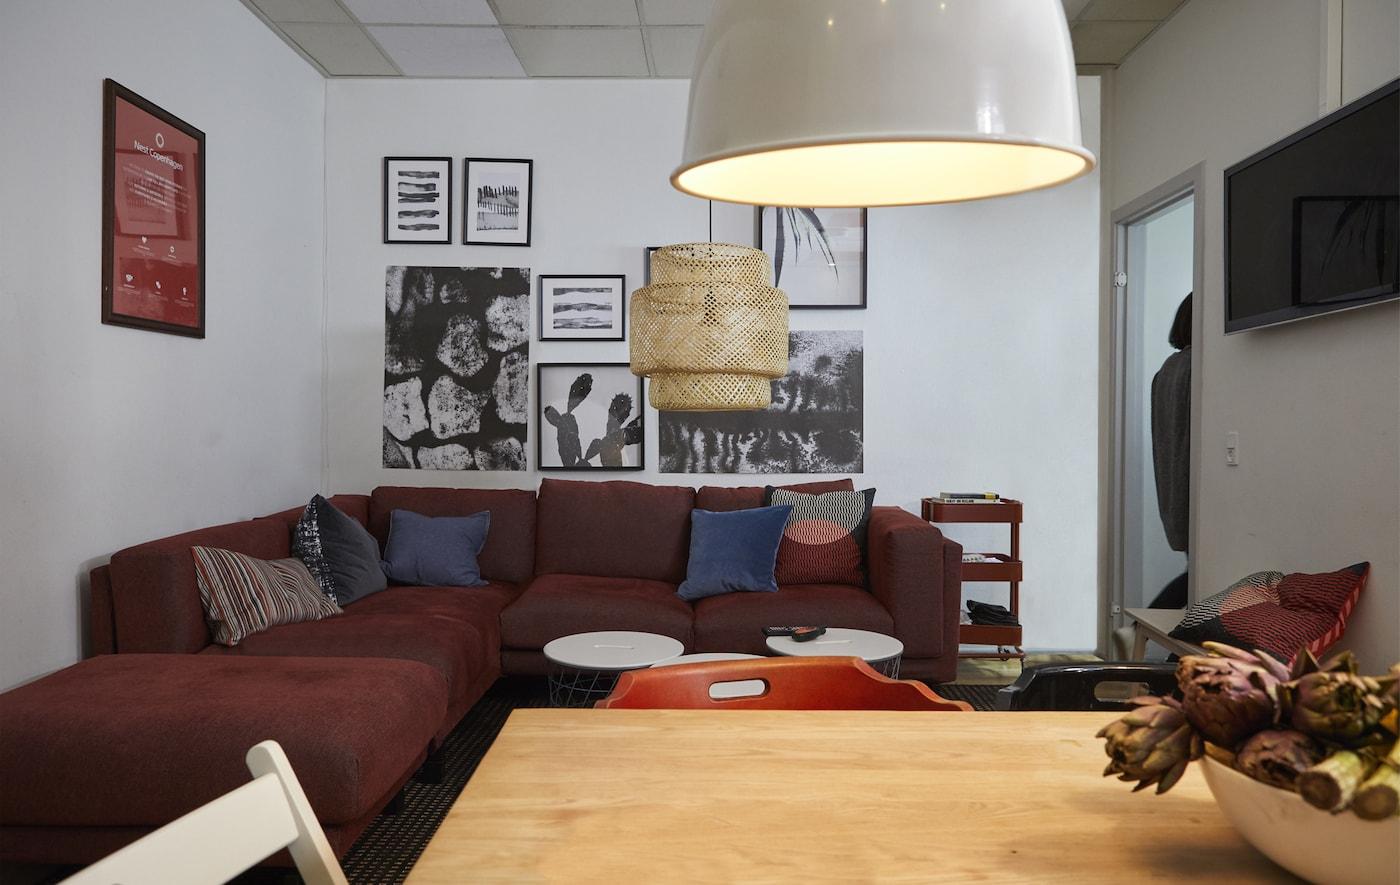 مساحة جلوس بها كنبة، وإضاءة، وإطارات صور على الجدران.